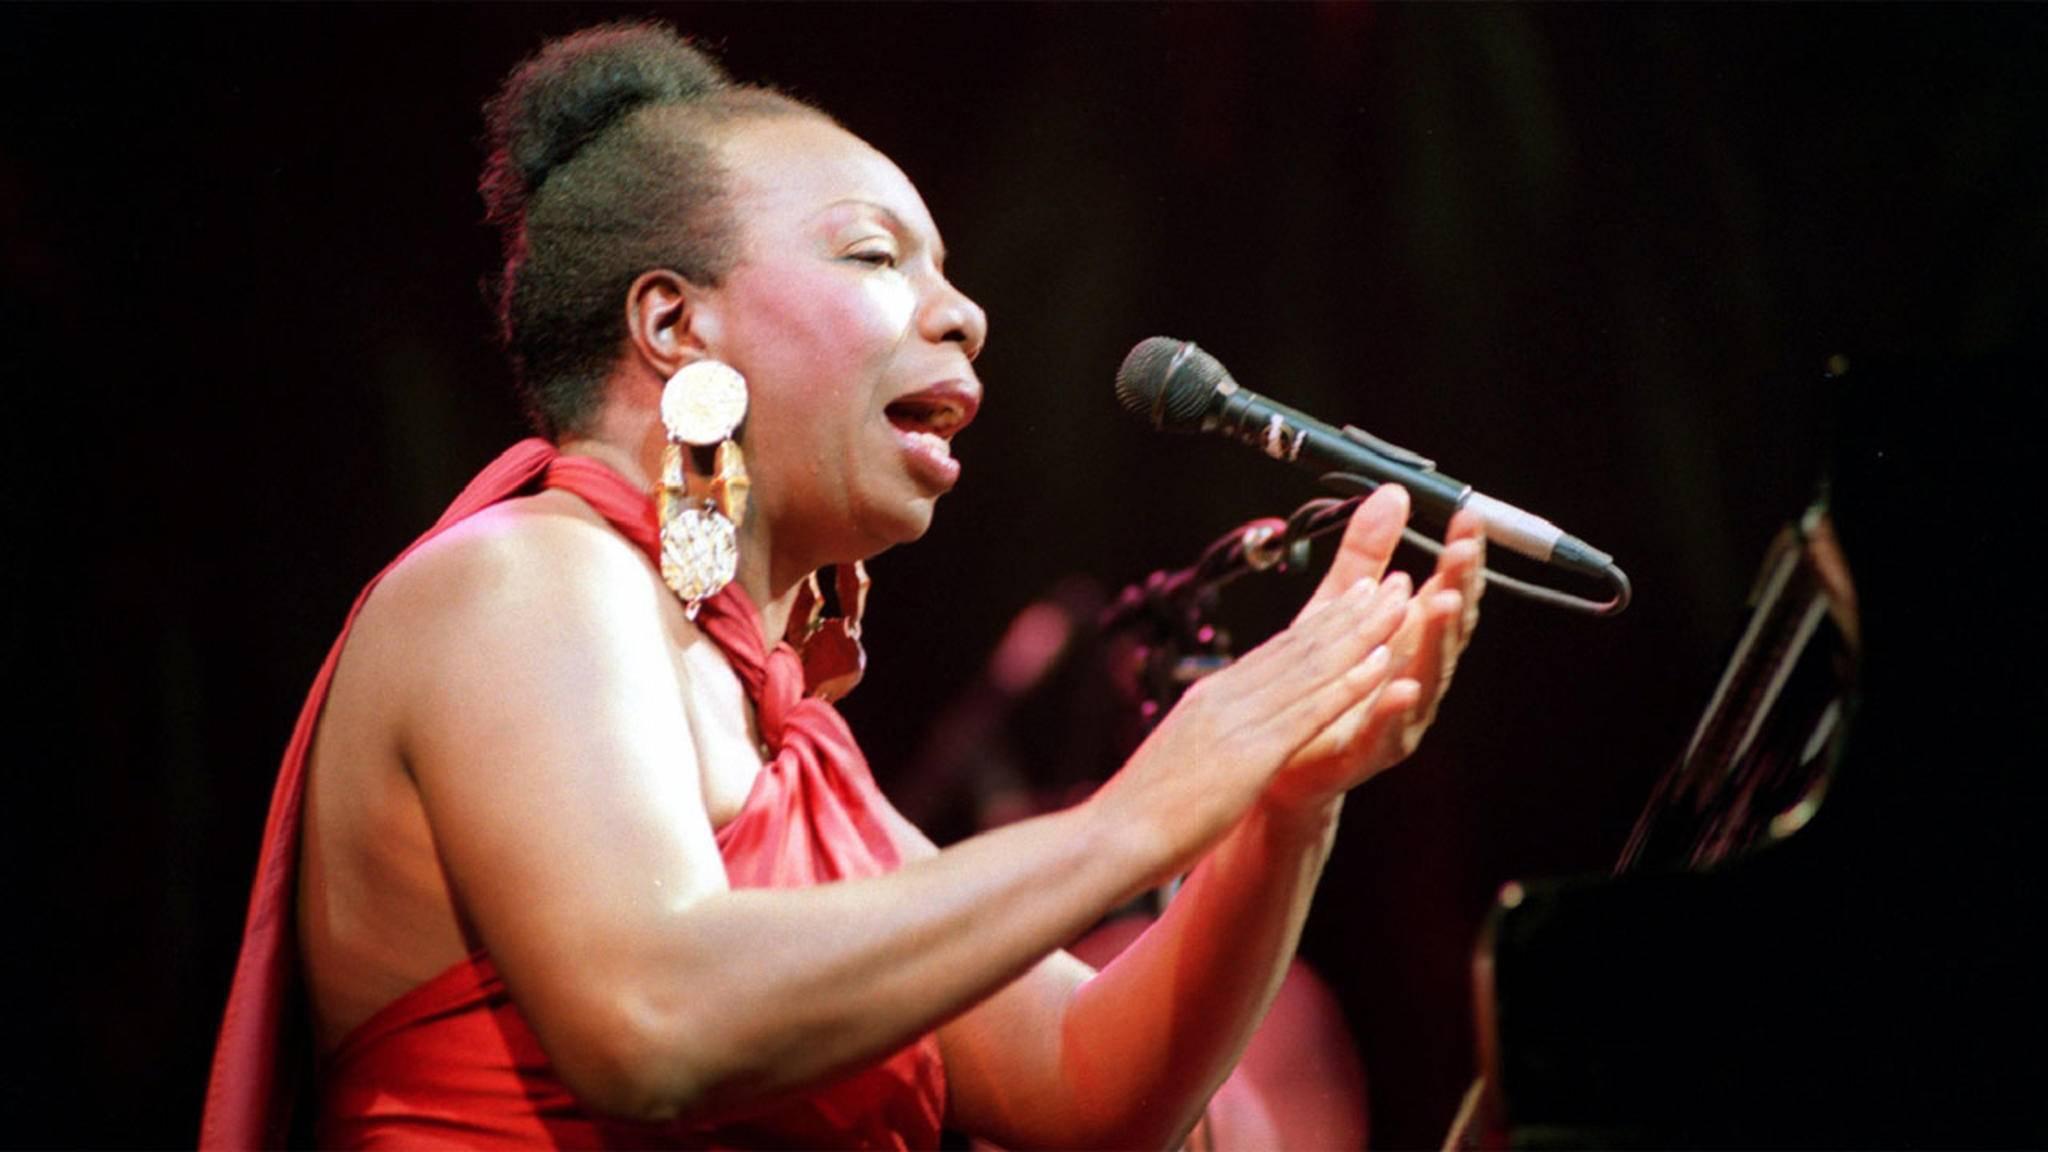 Ikone des Jazz: Nina Simone wird bei den Grammys 2017 für ihr Lebenswerk geehrt.